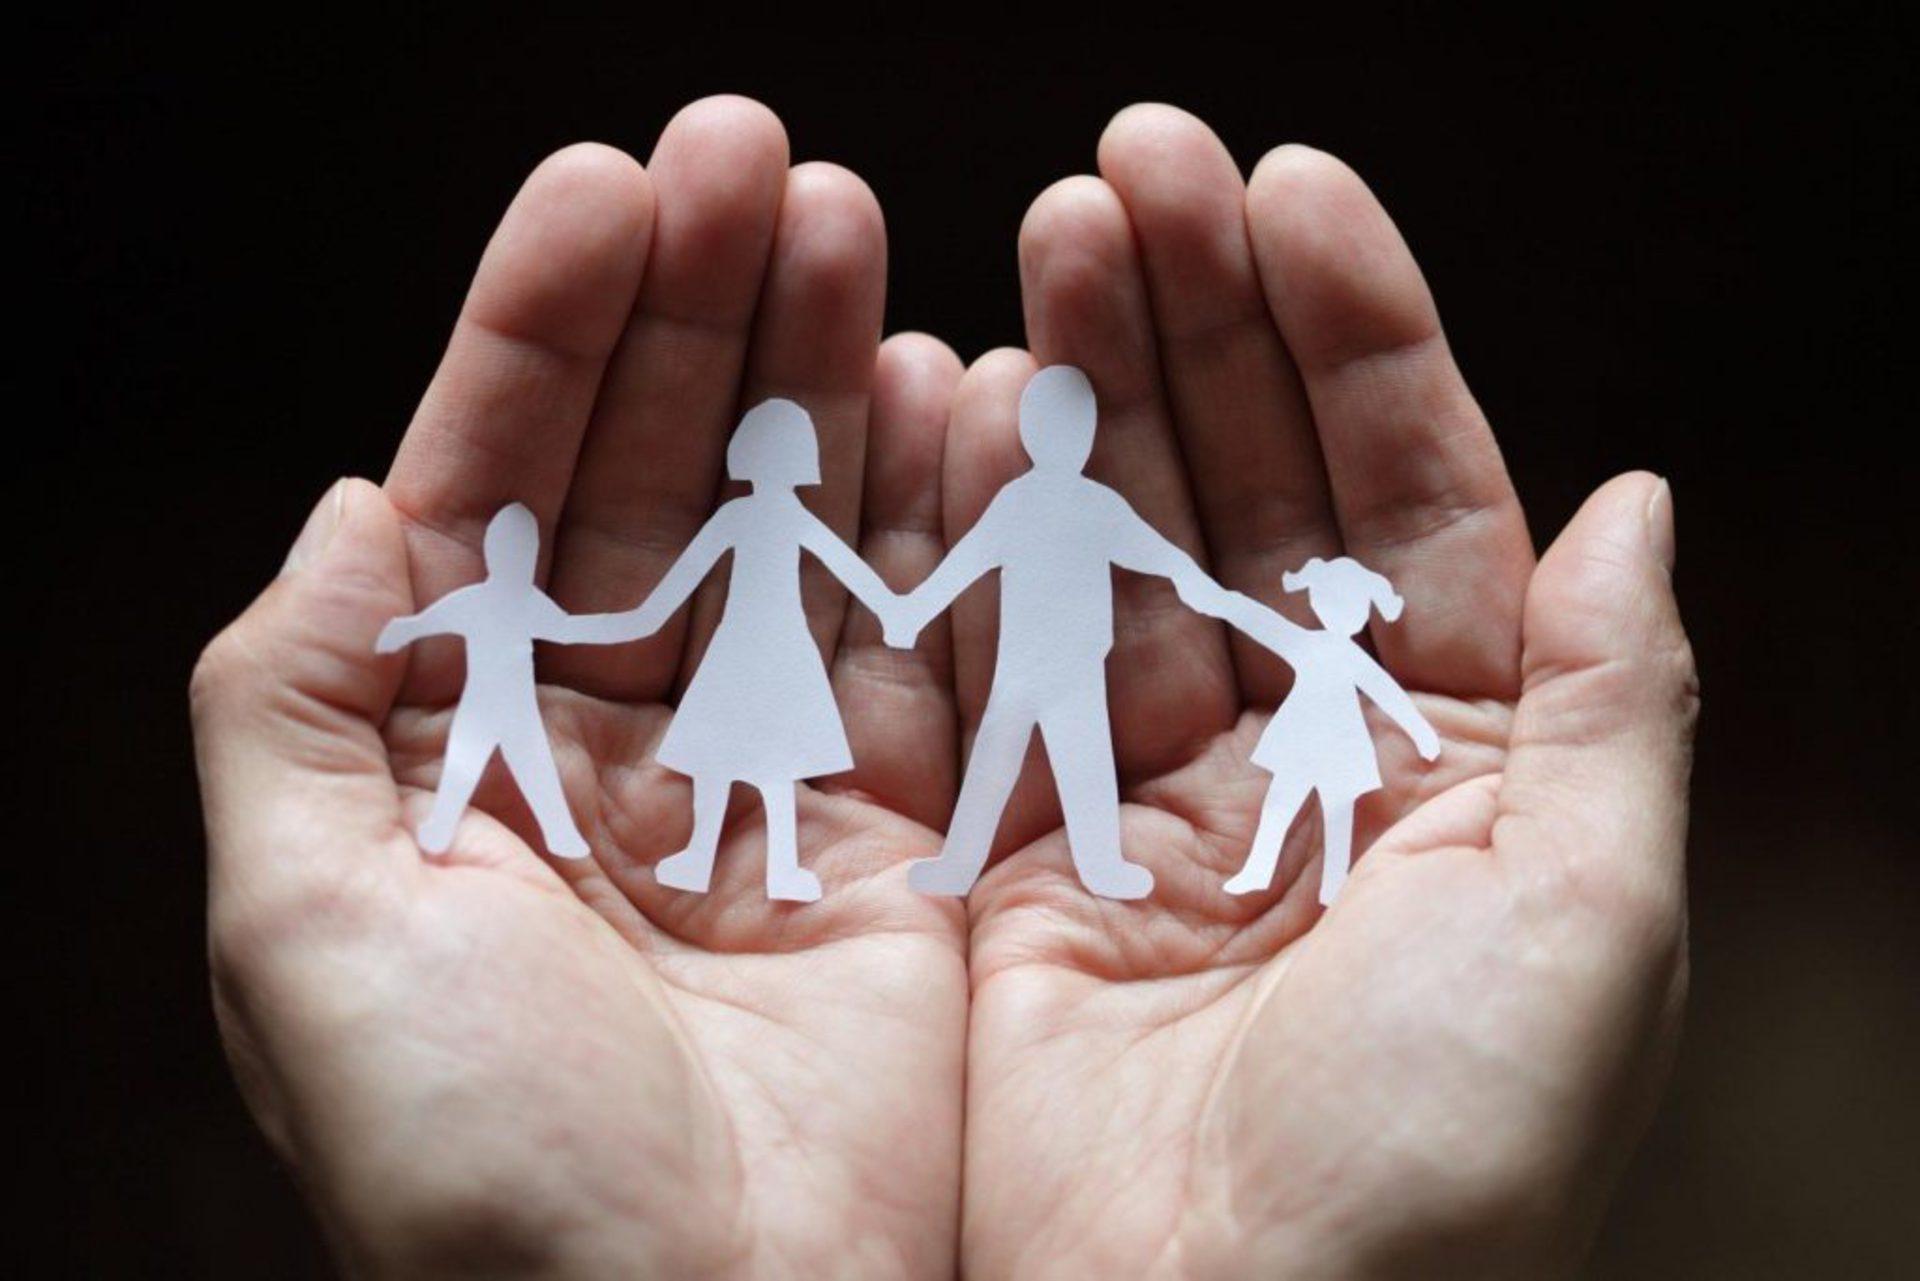 Ανατροπή στο αφορολόγητο των παιδιών- Και στους δύο χωρισμένους γονείς η μείωση φόρου